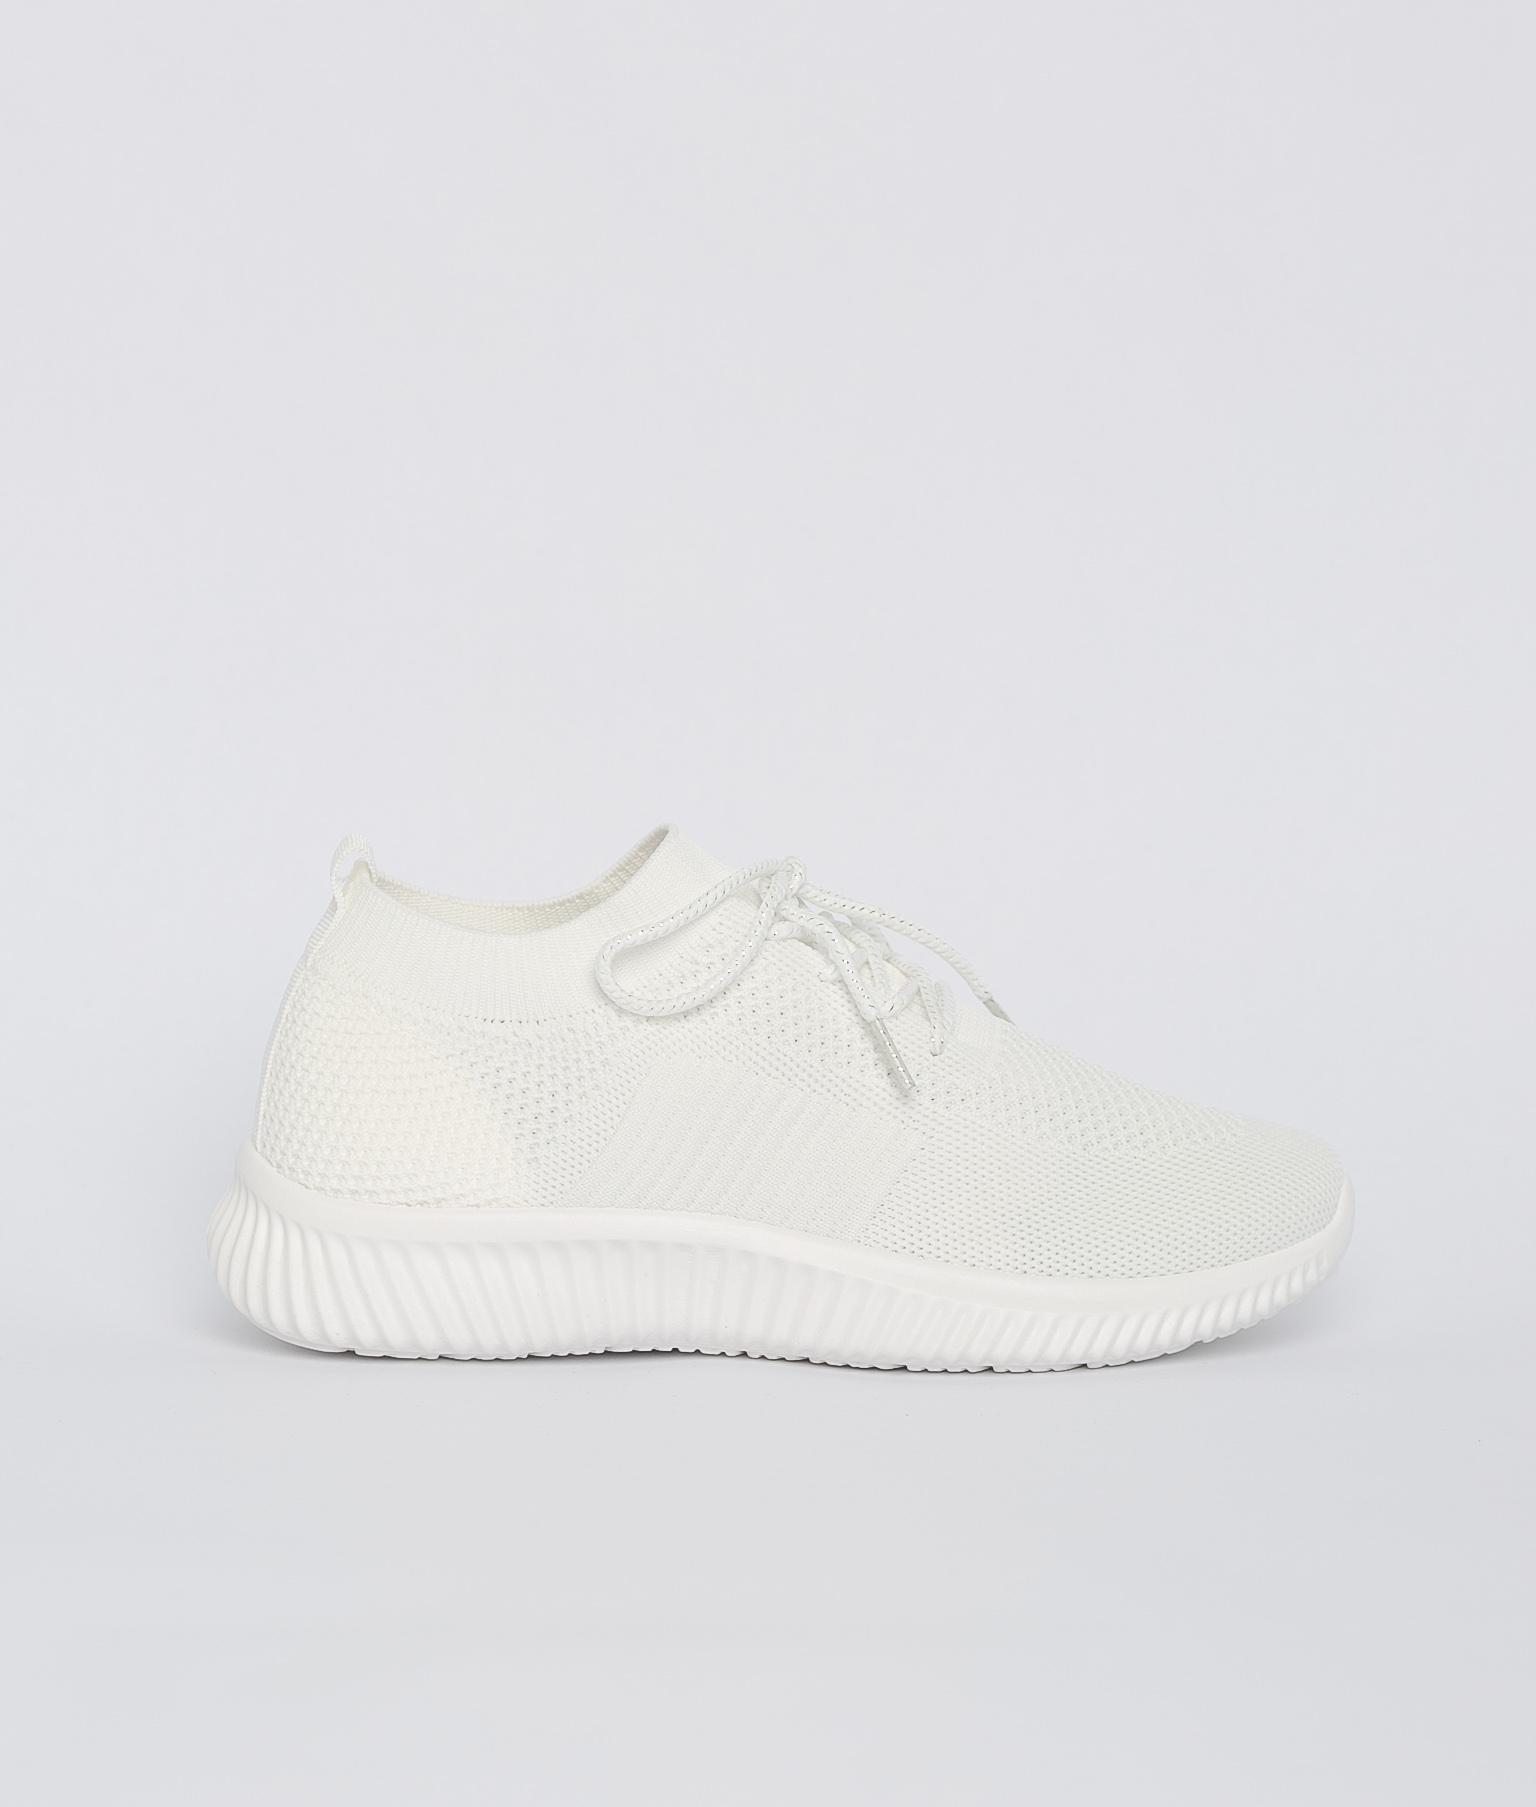 Sneakers Dama - Blanco